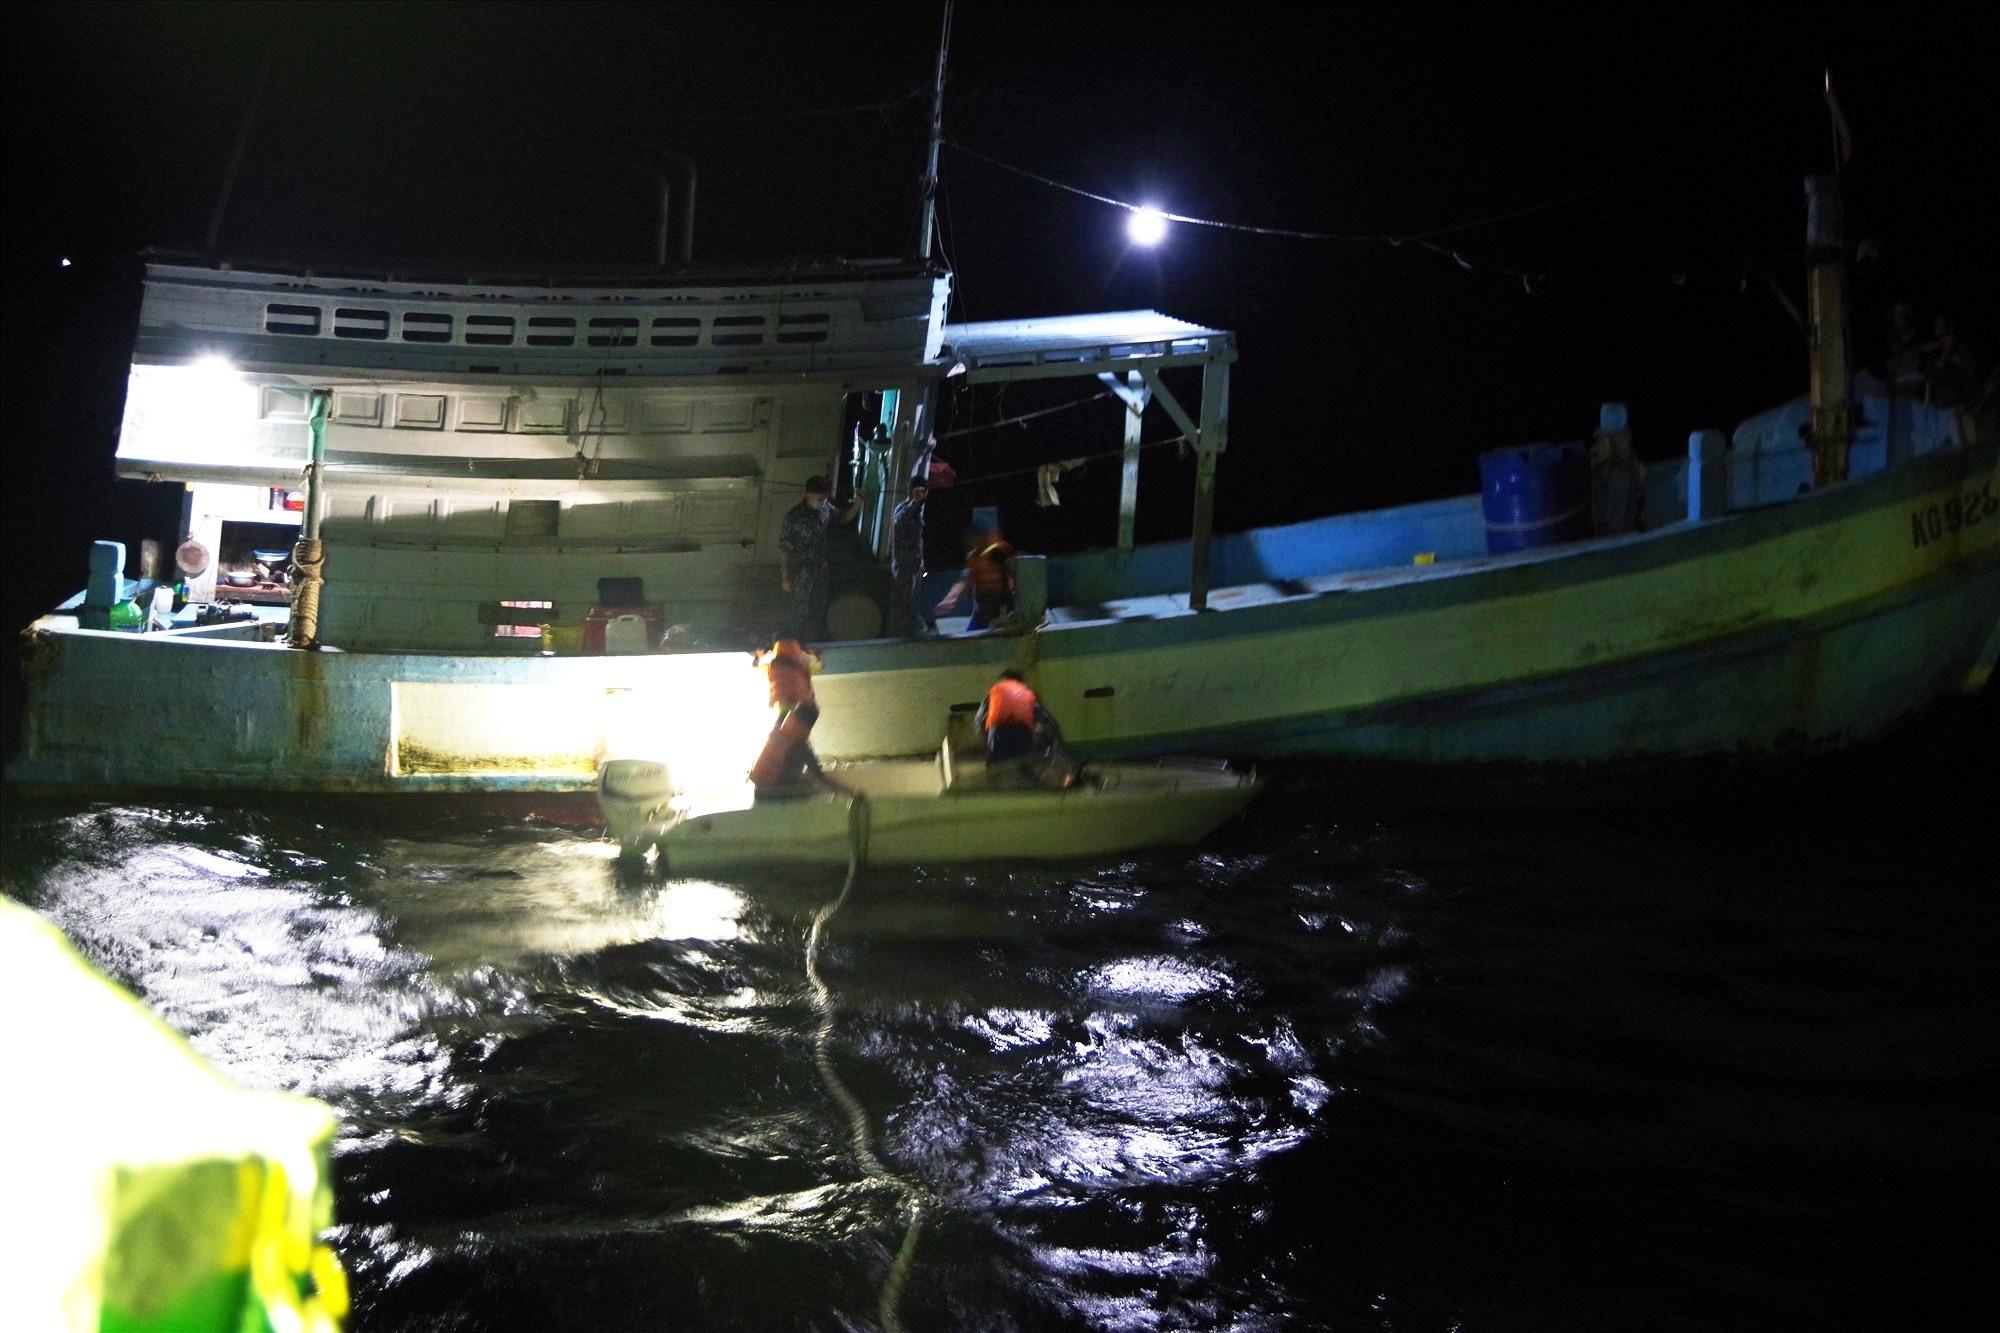 Cán bộ, chiến sĩ tàu Cảnh sát biển 6001 tiếp cận, cứu nạn tàu cá ngay trong đêm. Ảnh: NAM TRUNG